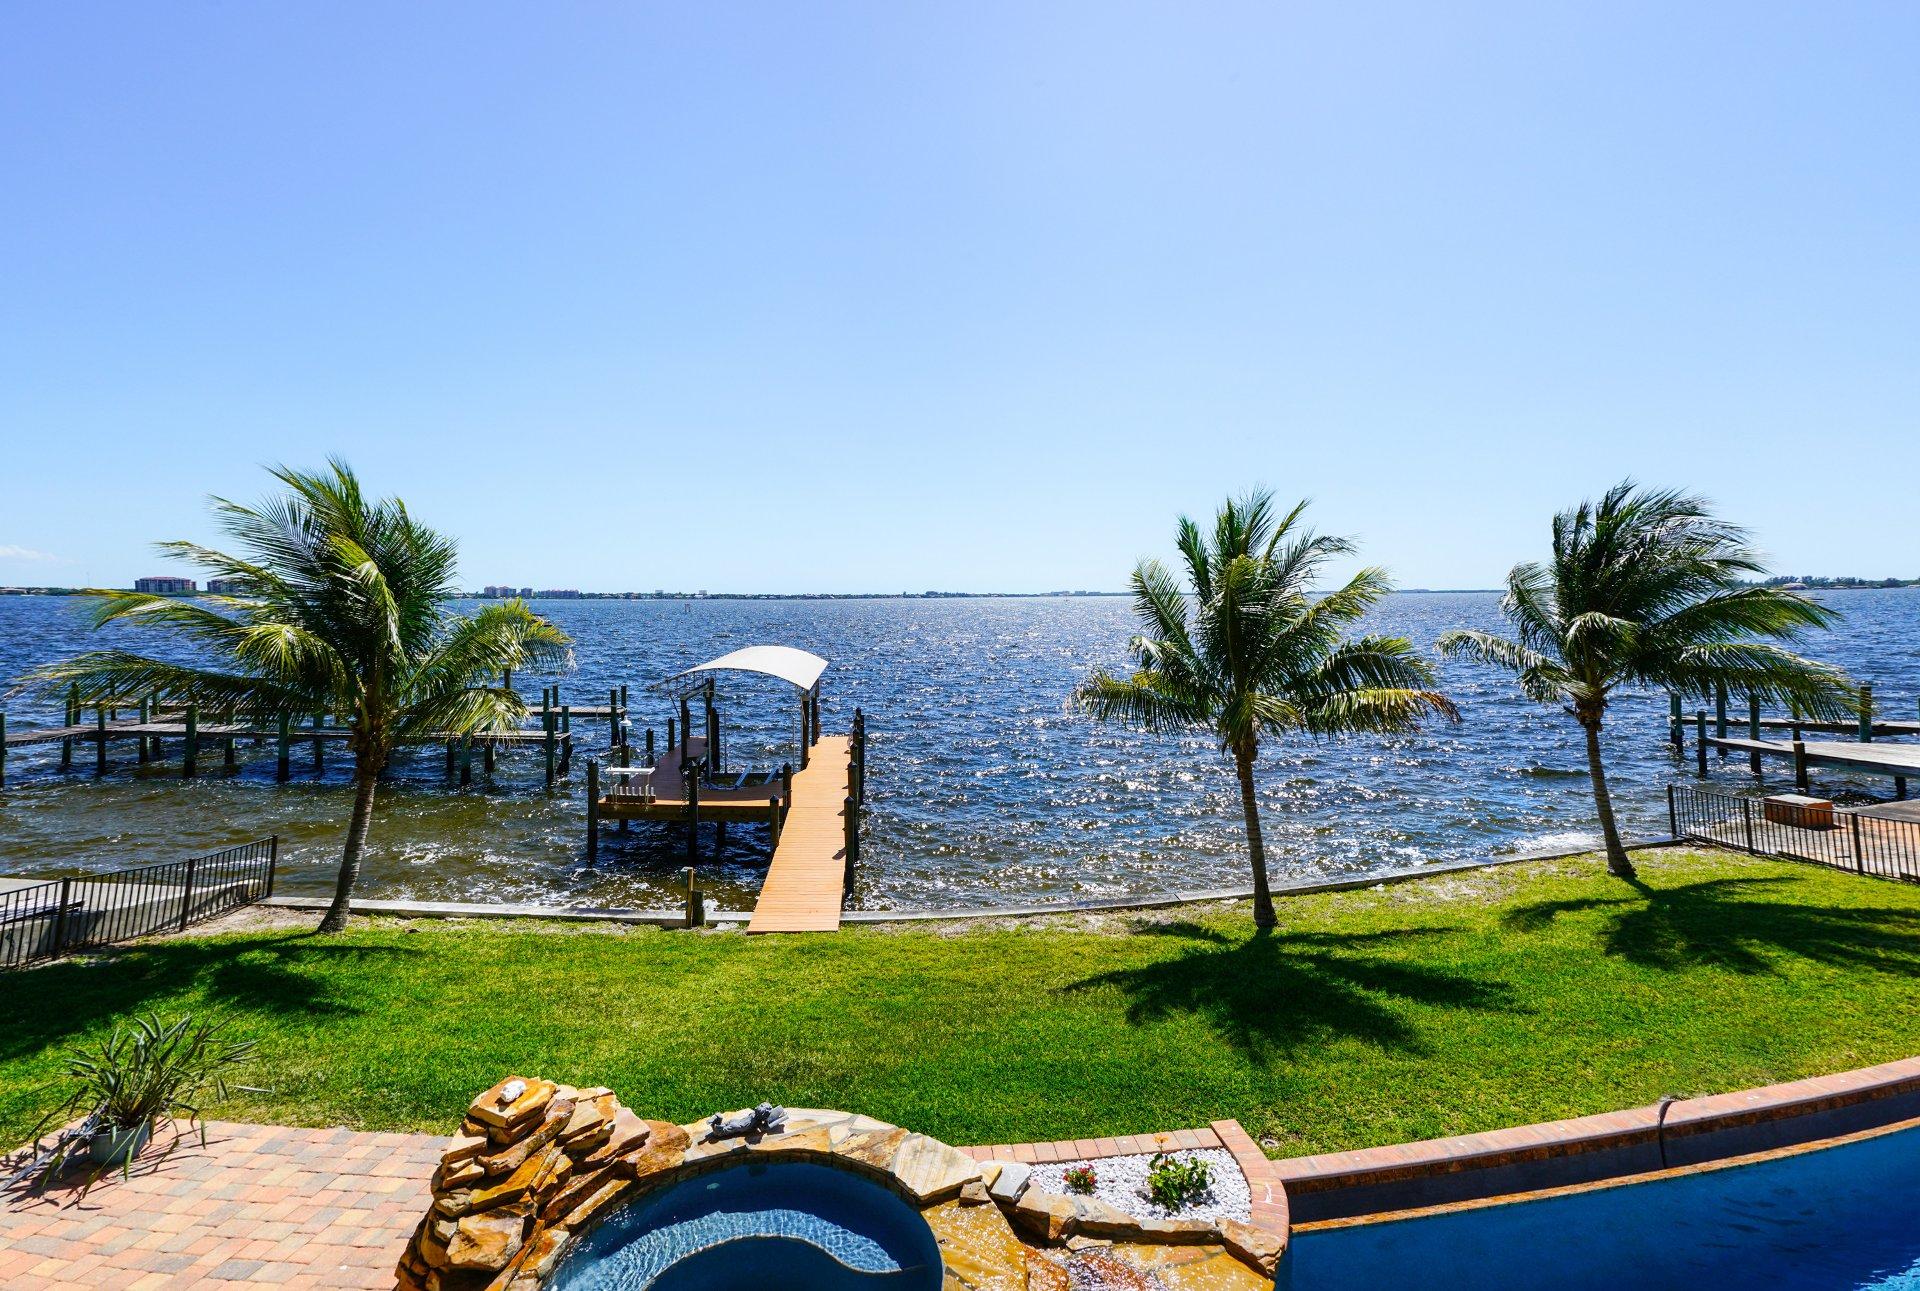 Pool in Florida